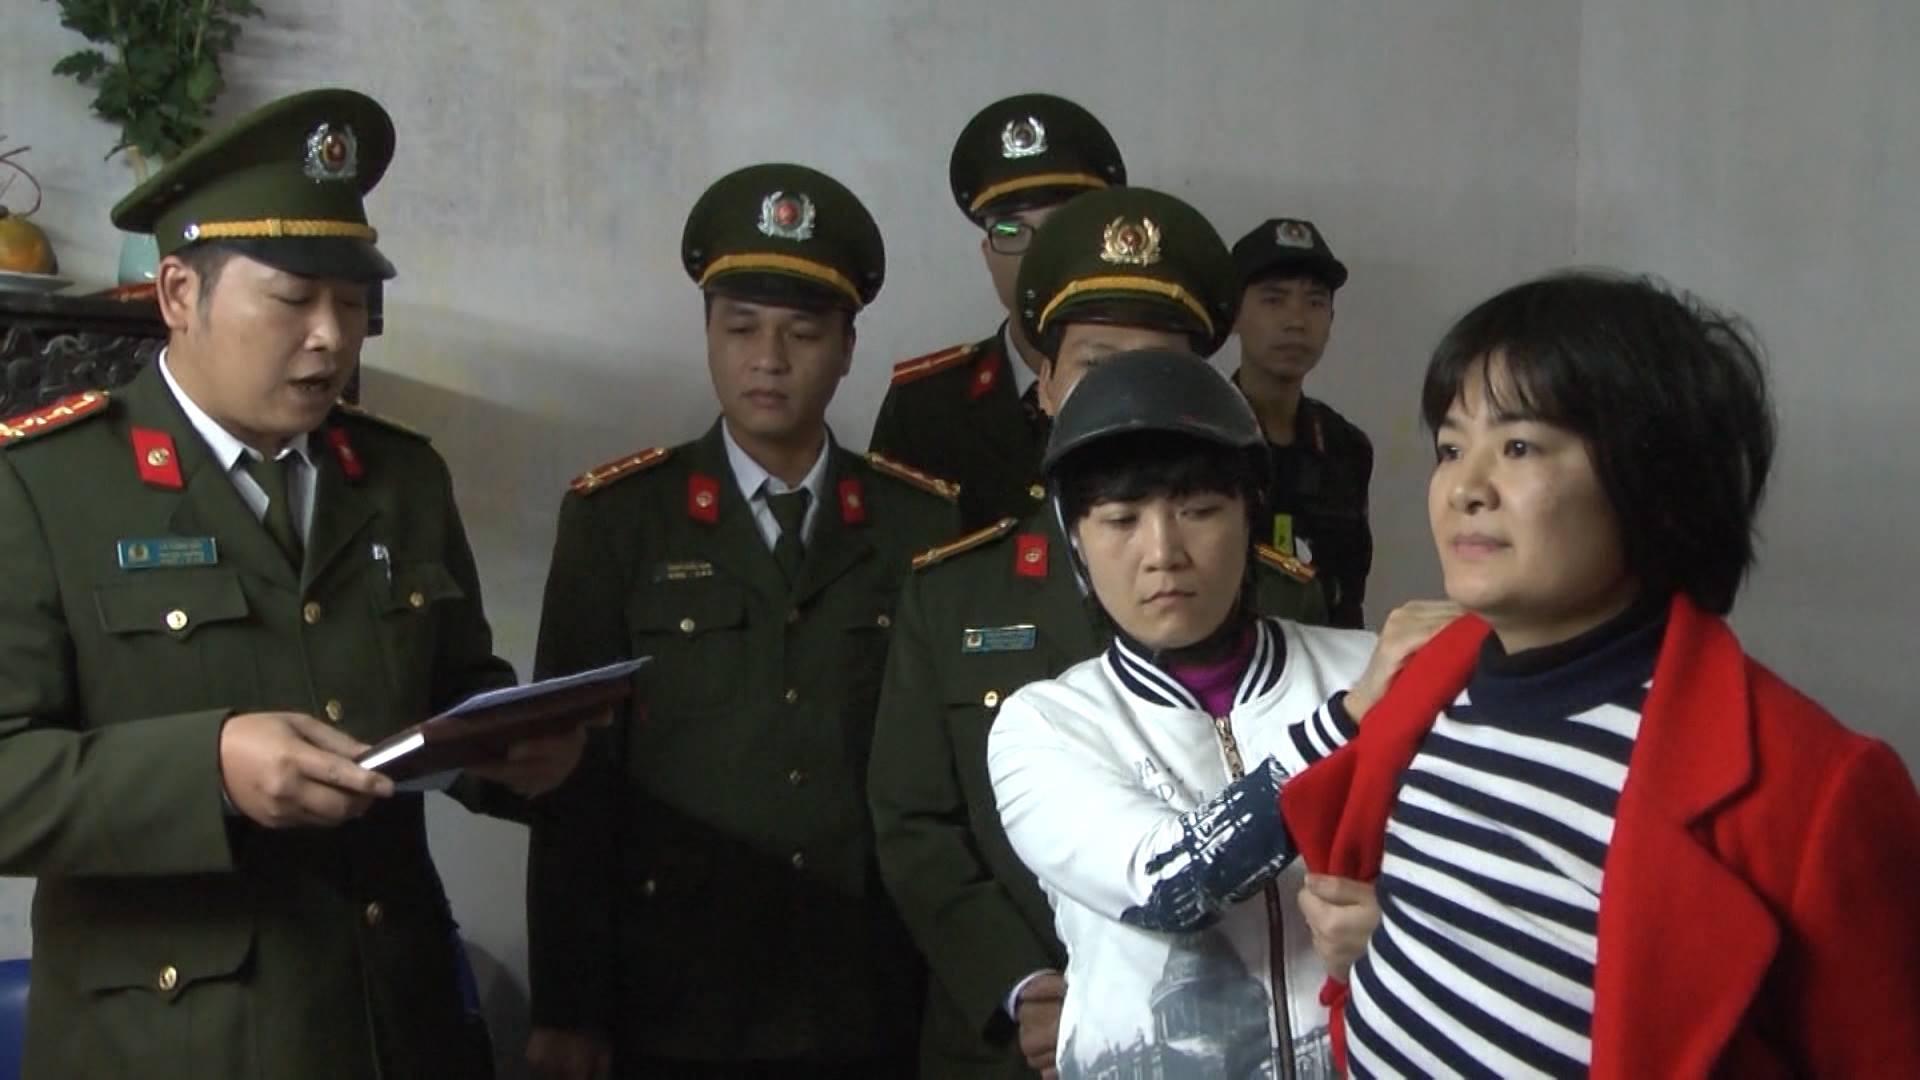 Tổ Chức Ân Xá Quốc Tế kêu gọi hành động khẩn cấp đối với 3 người bảo vệ nhân quyền bị mật giam